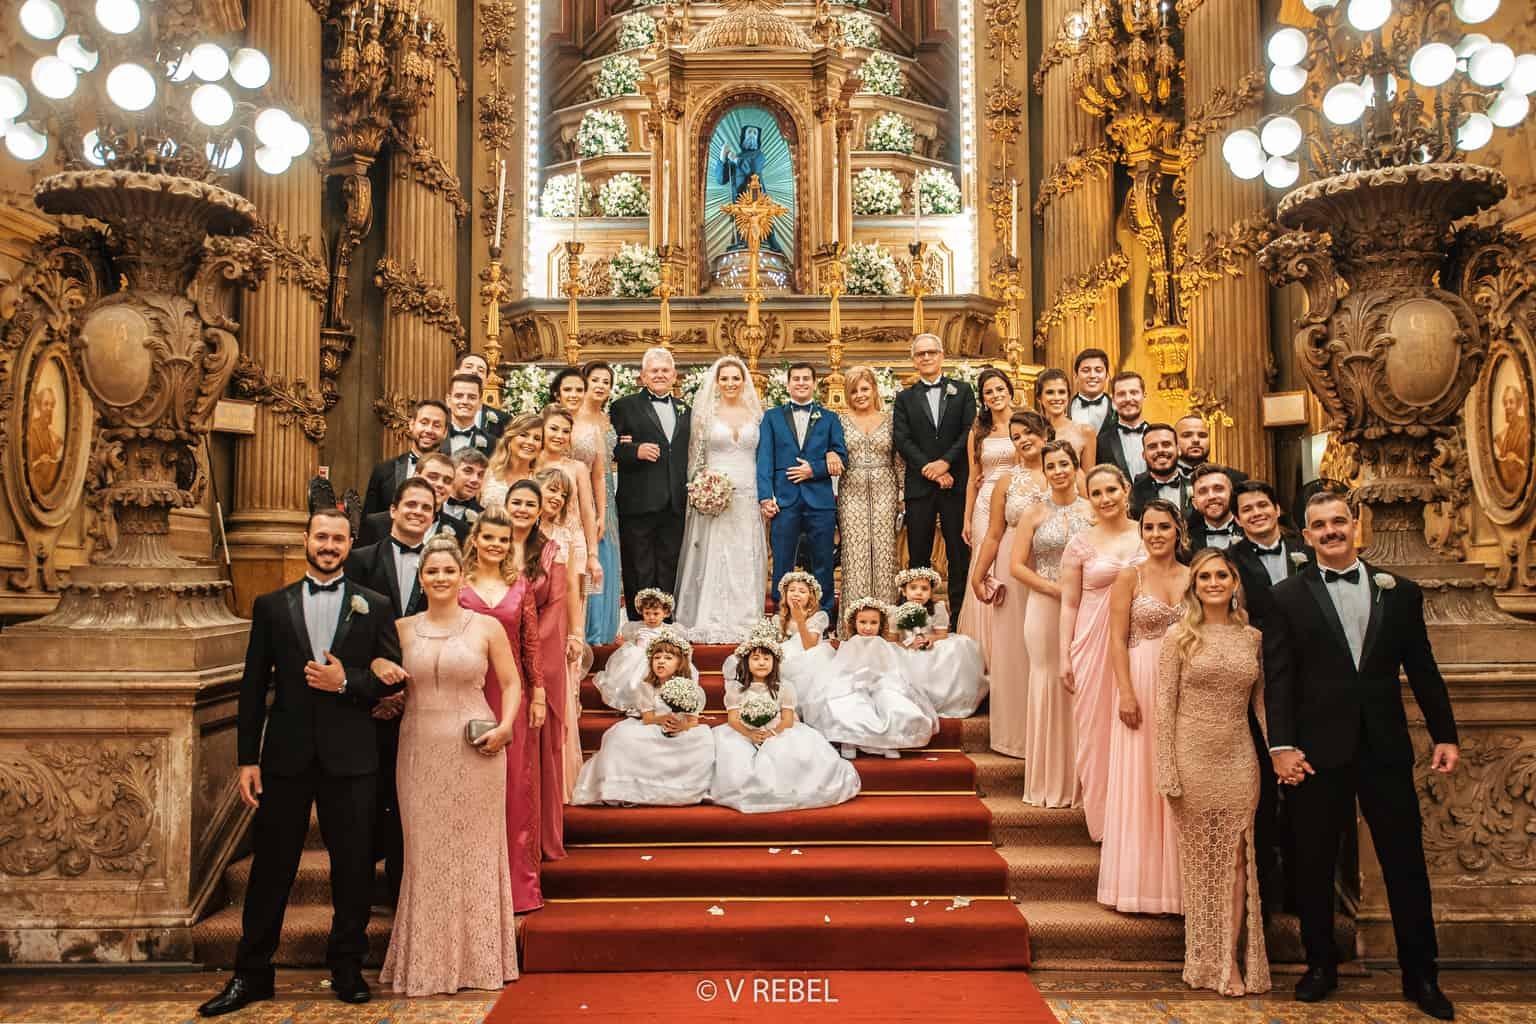 casamento-Caroline-e-Breno-casamento-clássico-cerimonia-na-igreja-fotografia-VRebel